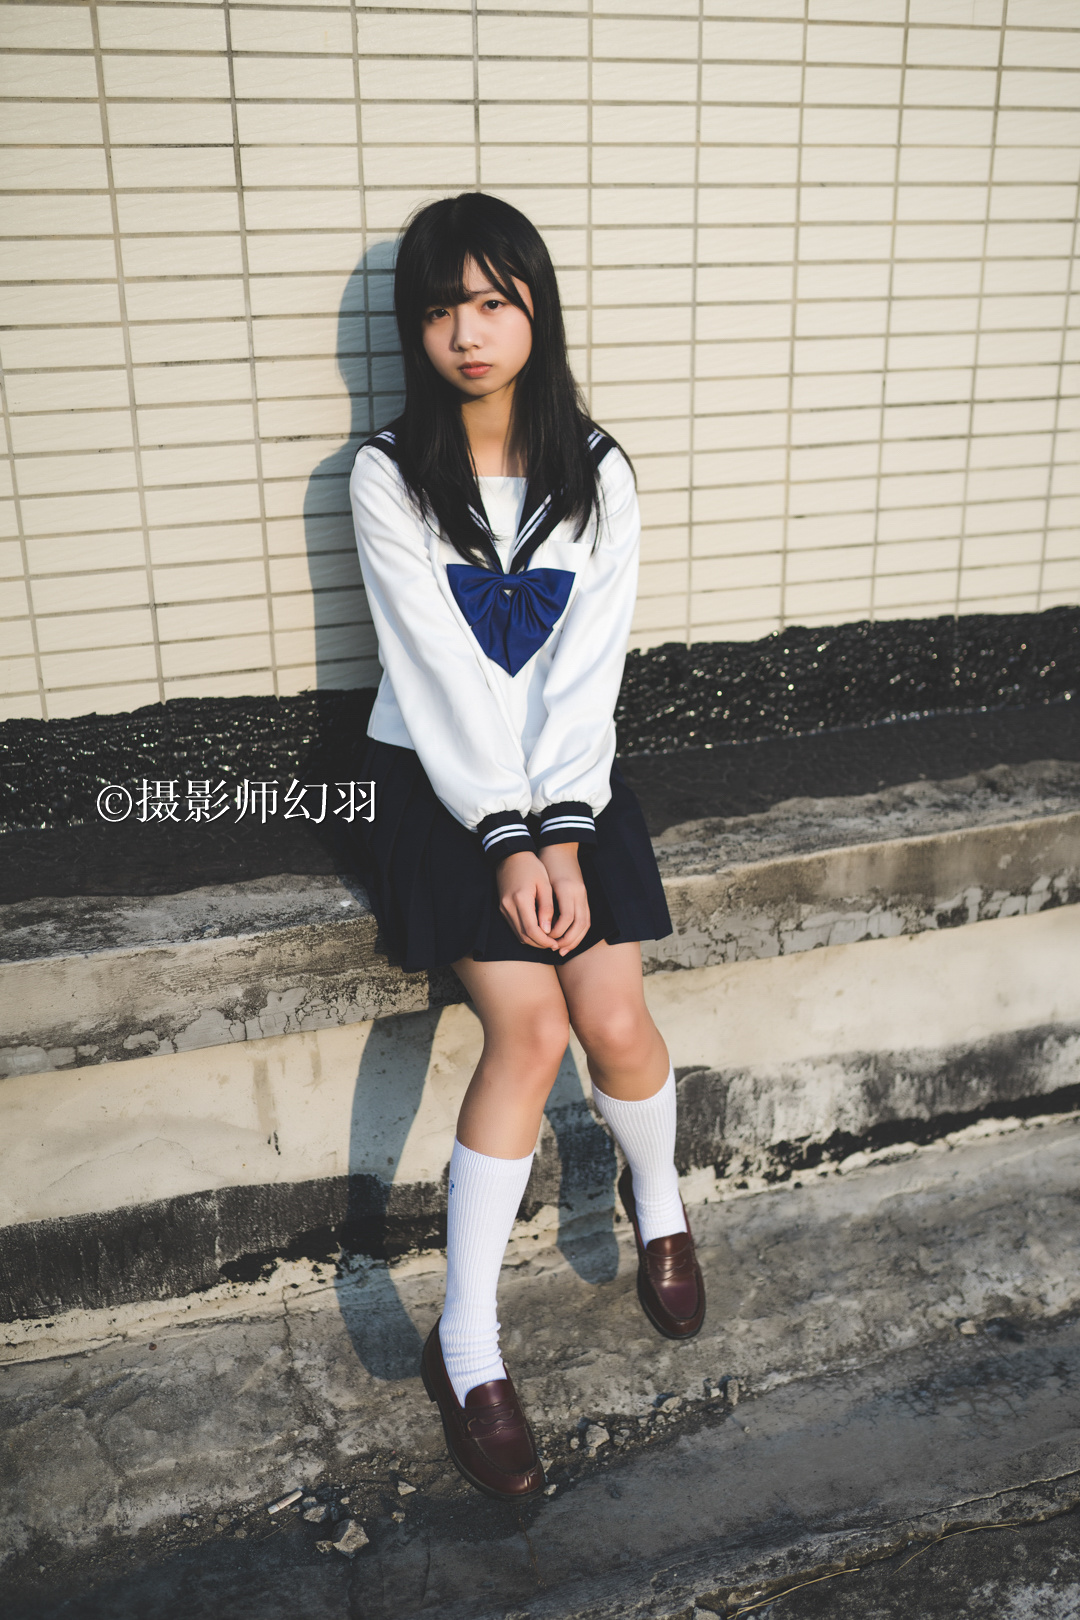 摄影师幻羽作品欣赏:JK制服少女-彤 美女写真-第2张